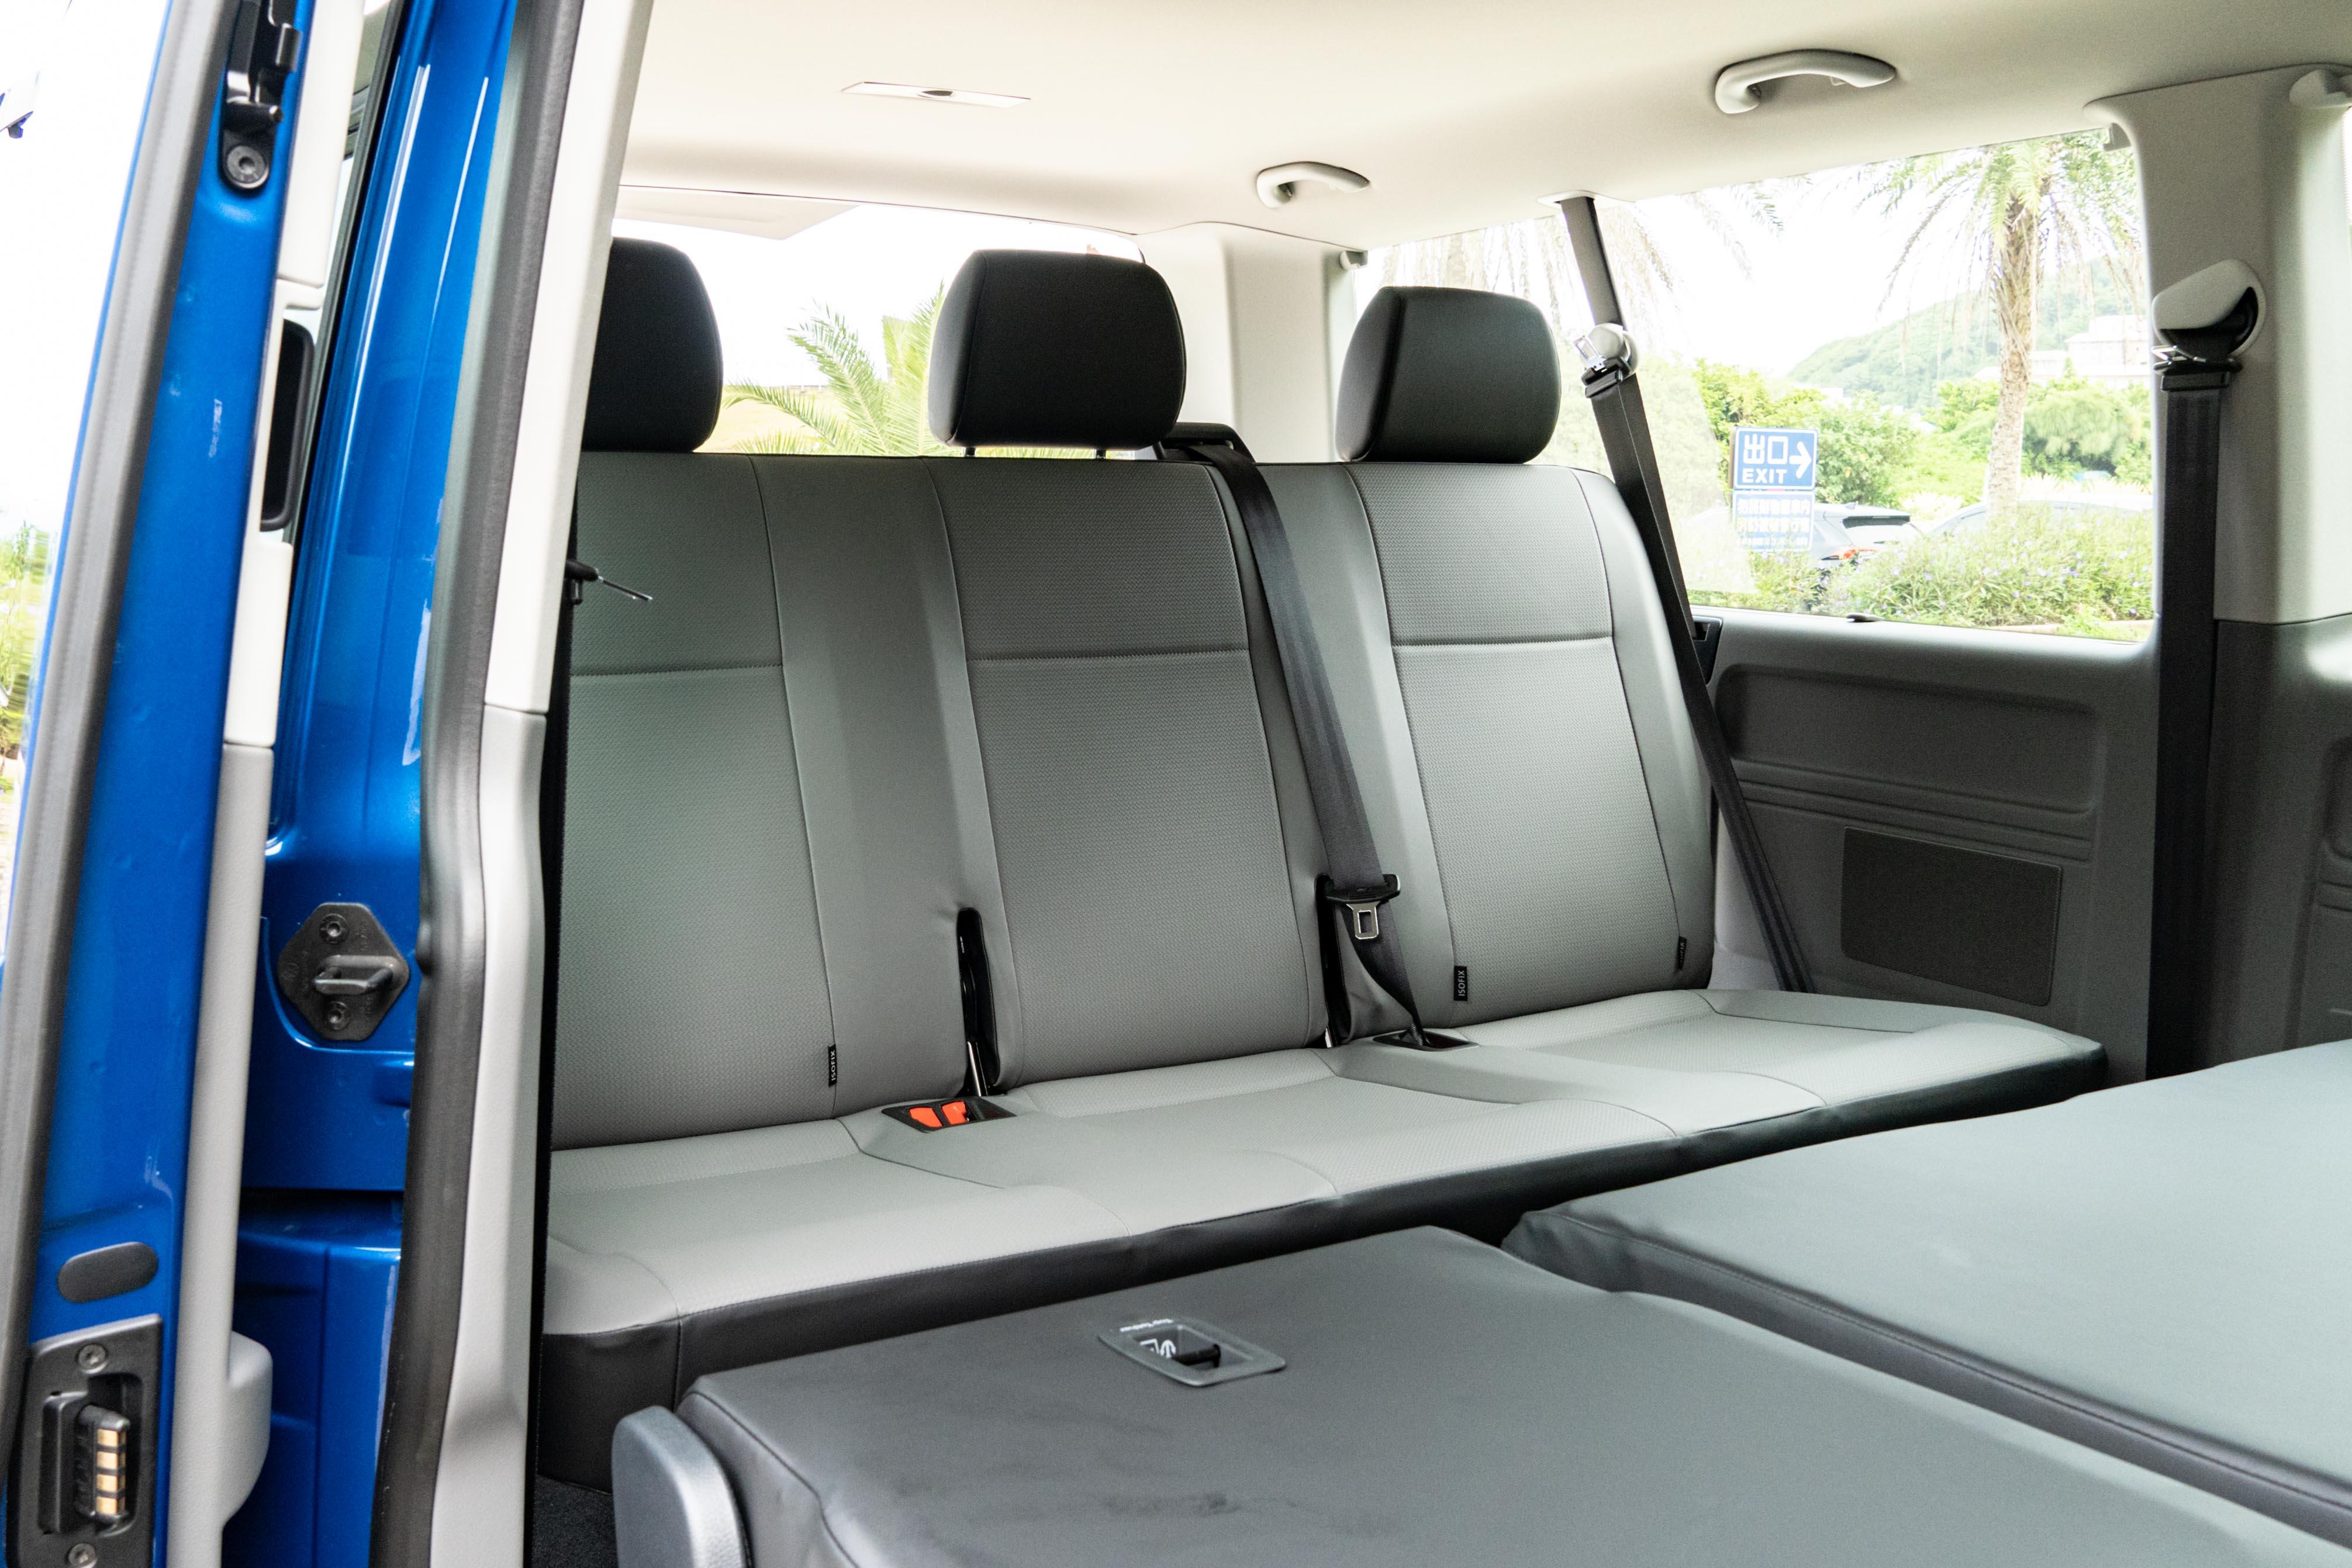 第二至四排皆為可拆除式座椅,讓運將在購車後還保有一定程度的變化彈性。